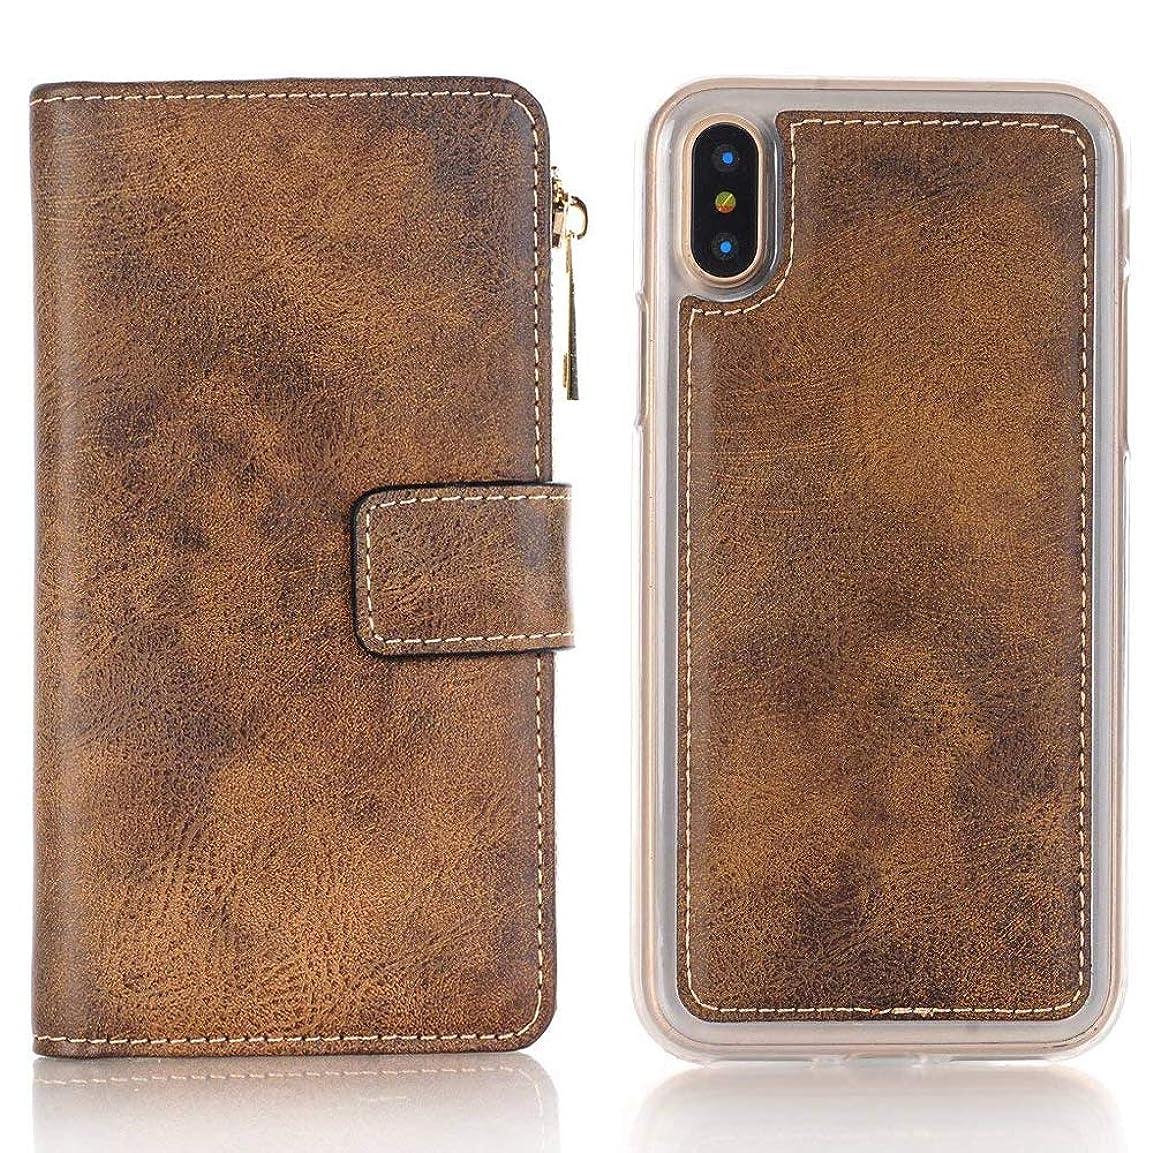 によって湿気の多い原子炉iPhone X ケース 手帳型 INorton 全面保護カバー 耐衝撃 レンズ保護 カード収納 分離式 高品質レザー シリコン 軽量 マグネット式(ブラウン)